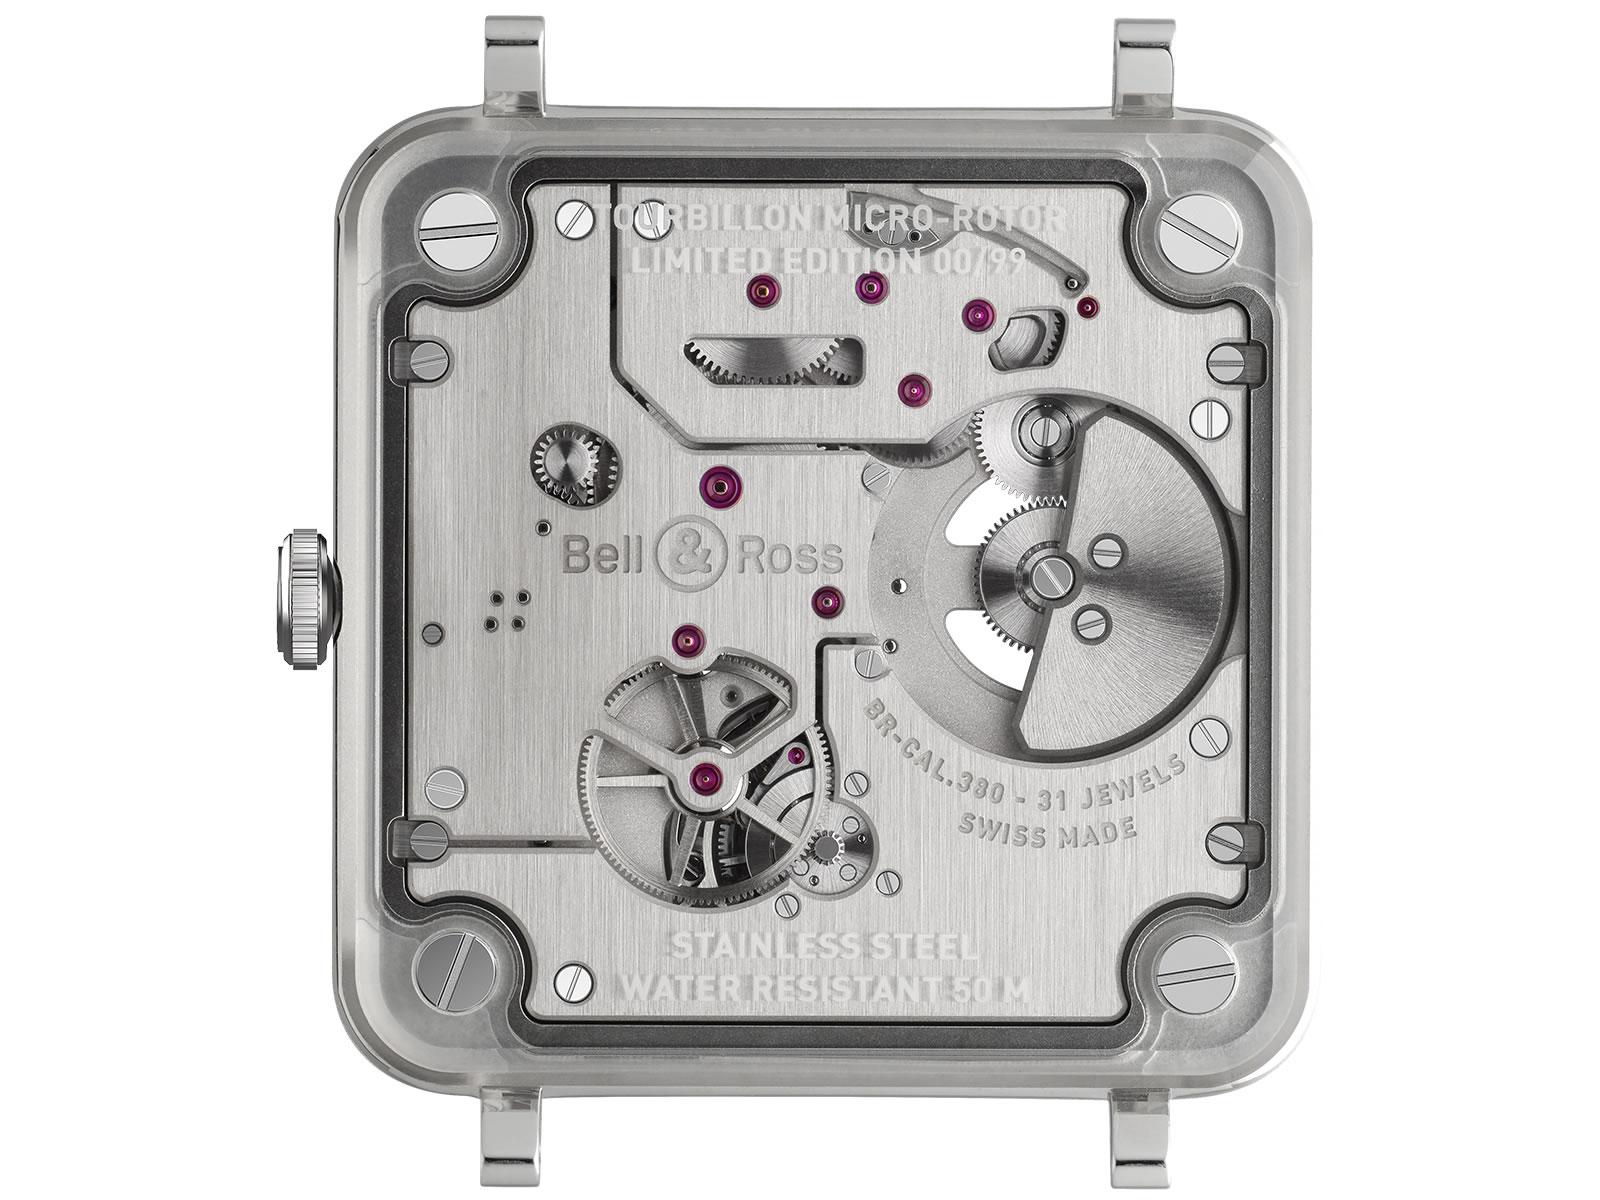 brx2-mrtb-sk-st-bell-ross-br-x2-tourbillon-micro-rotor-skeleton-7-.jpg